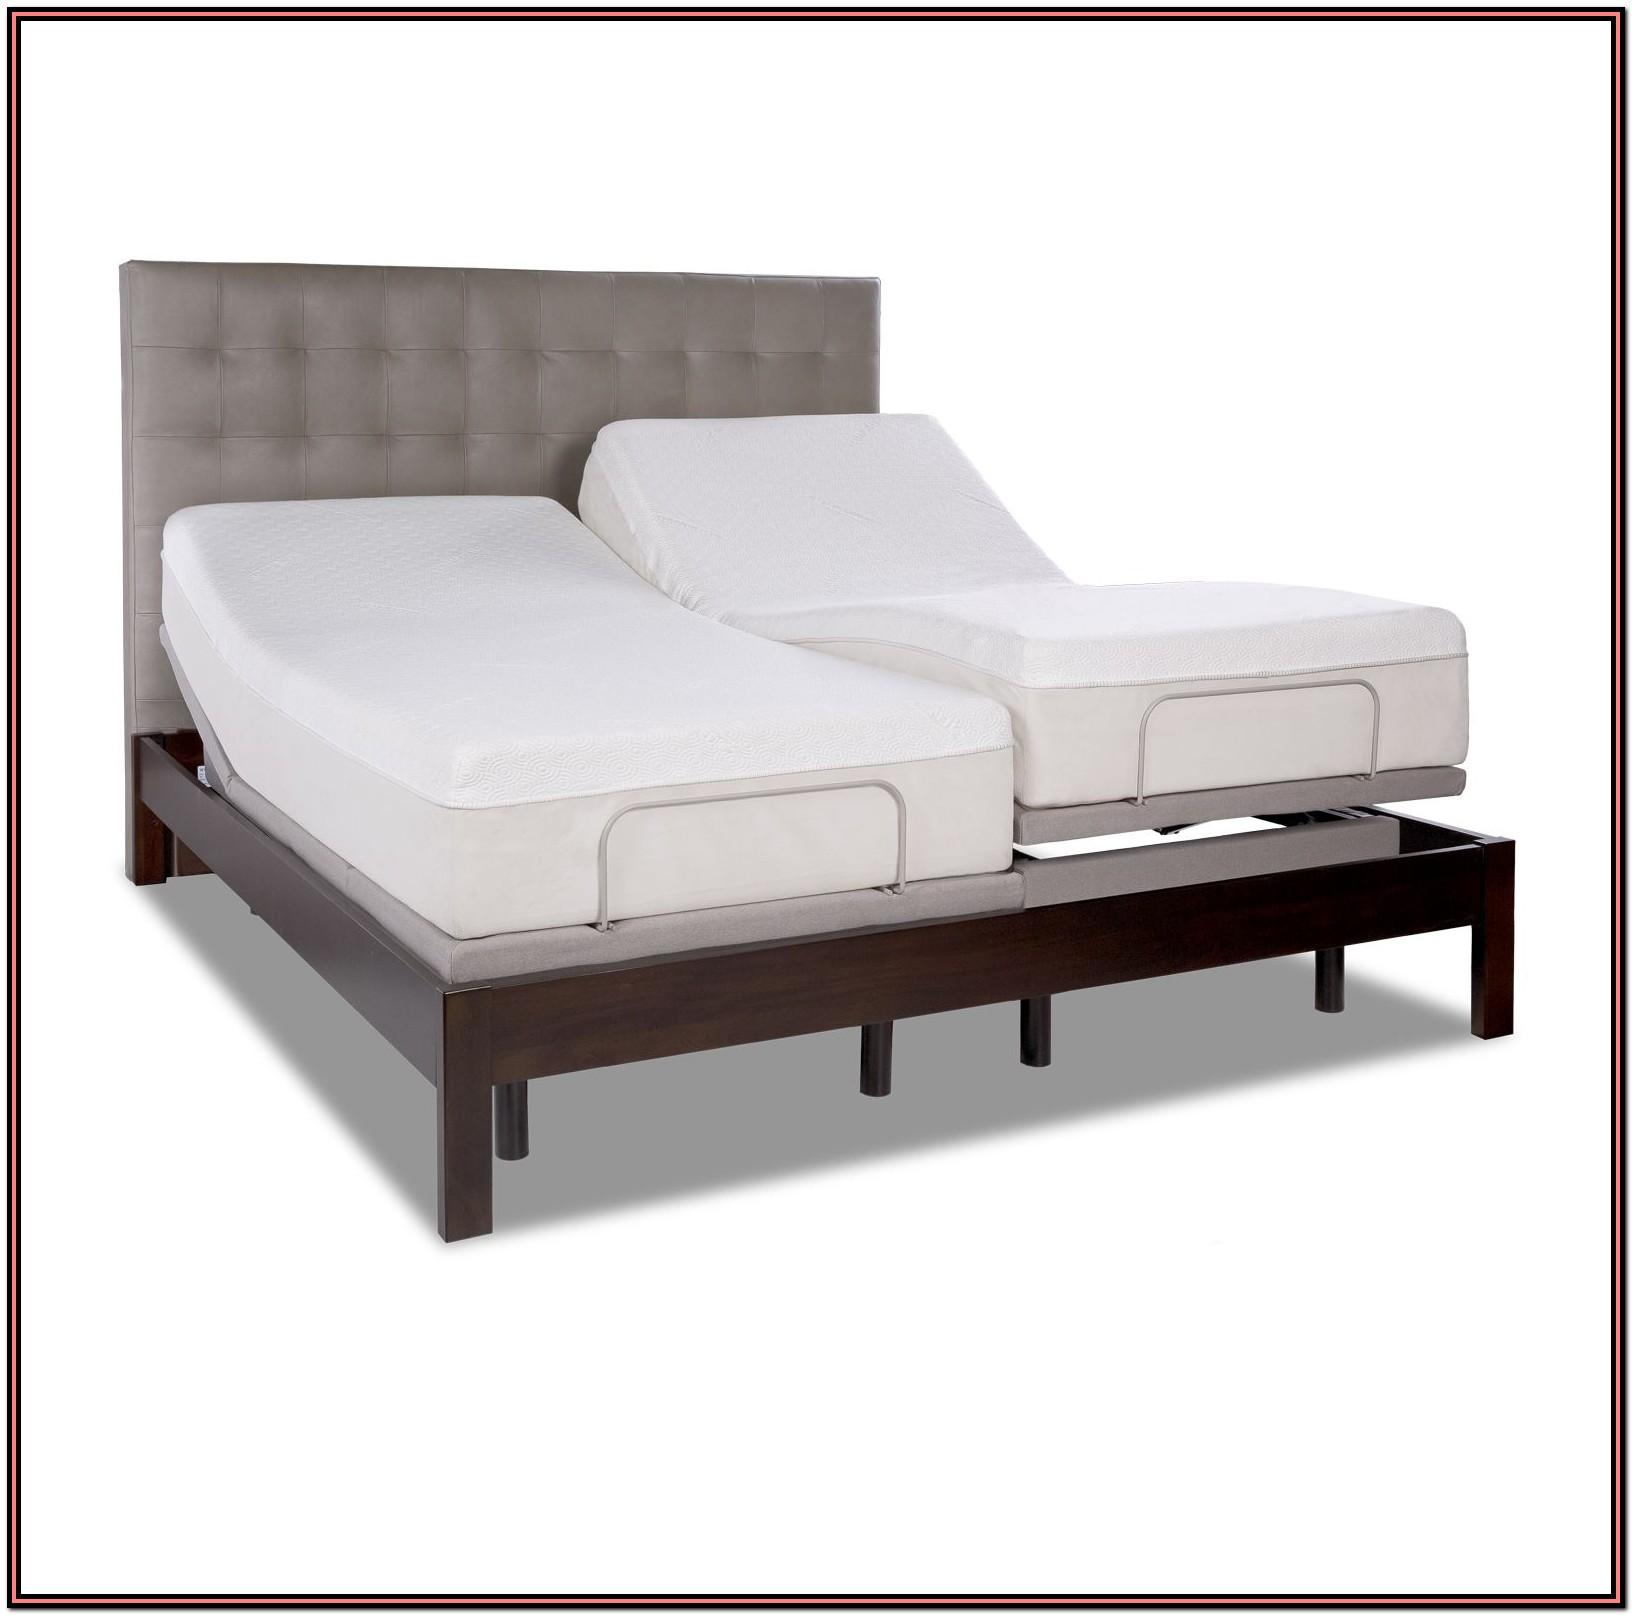 Tempur Pedic Adjustable Bed Manual